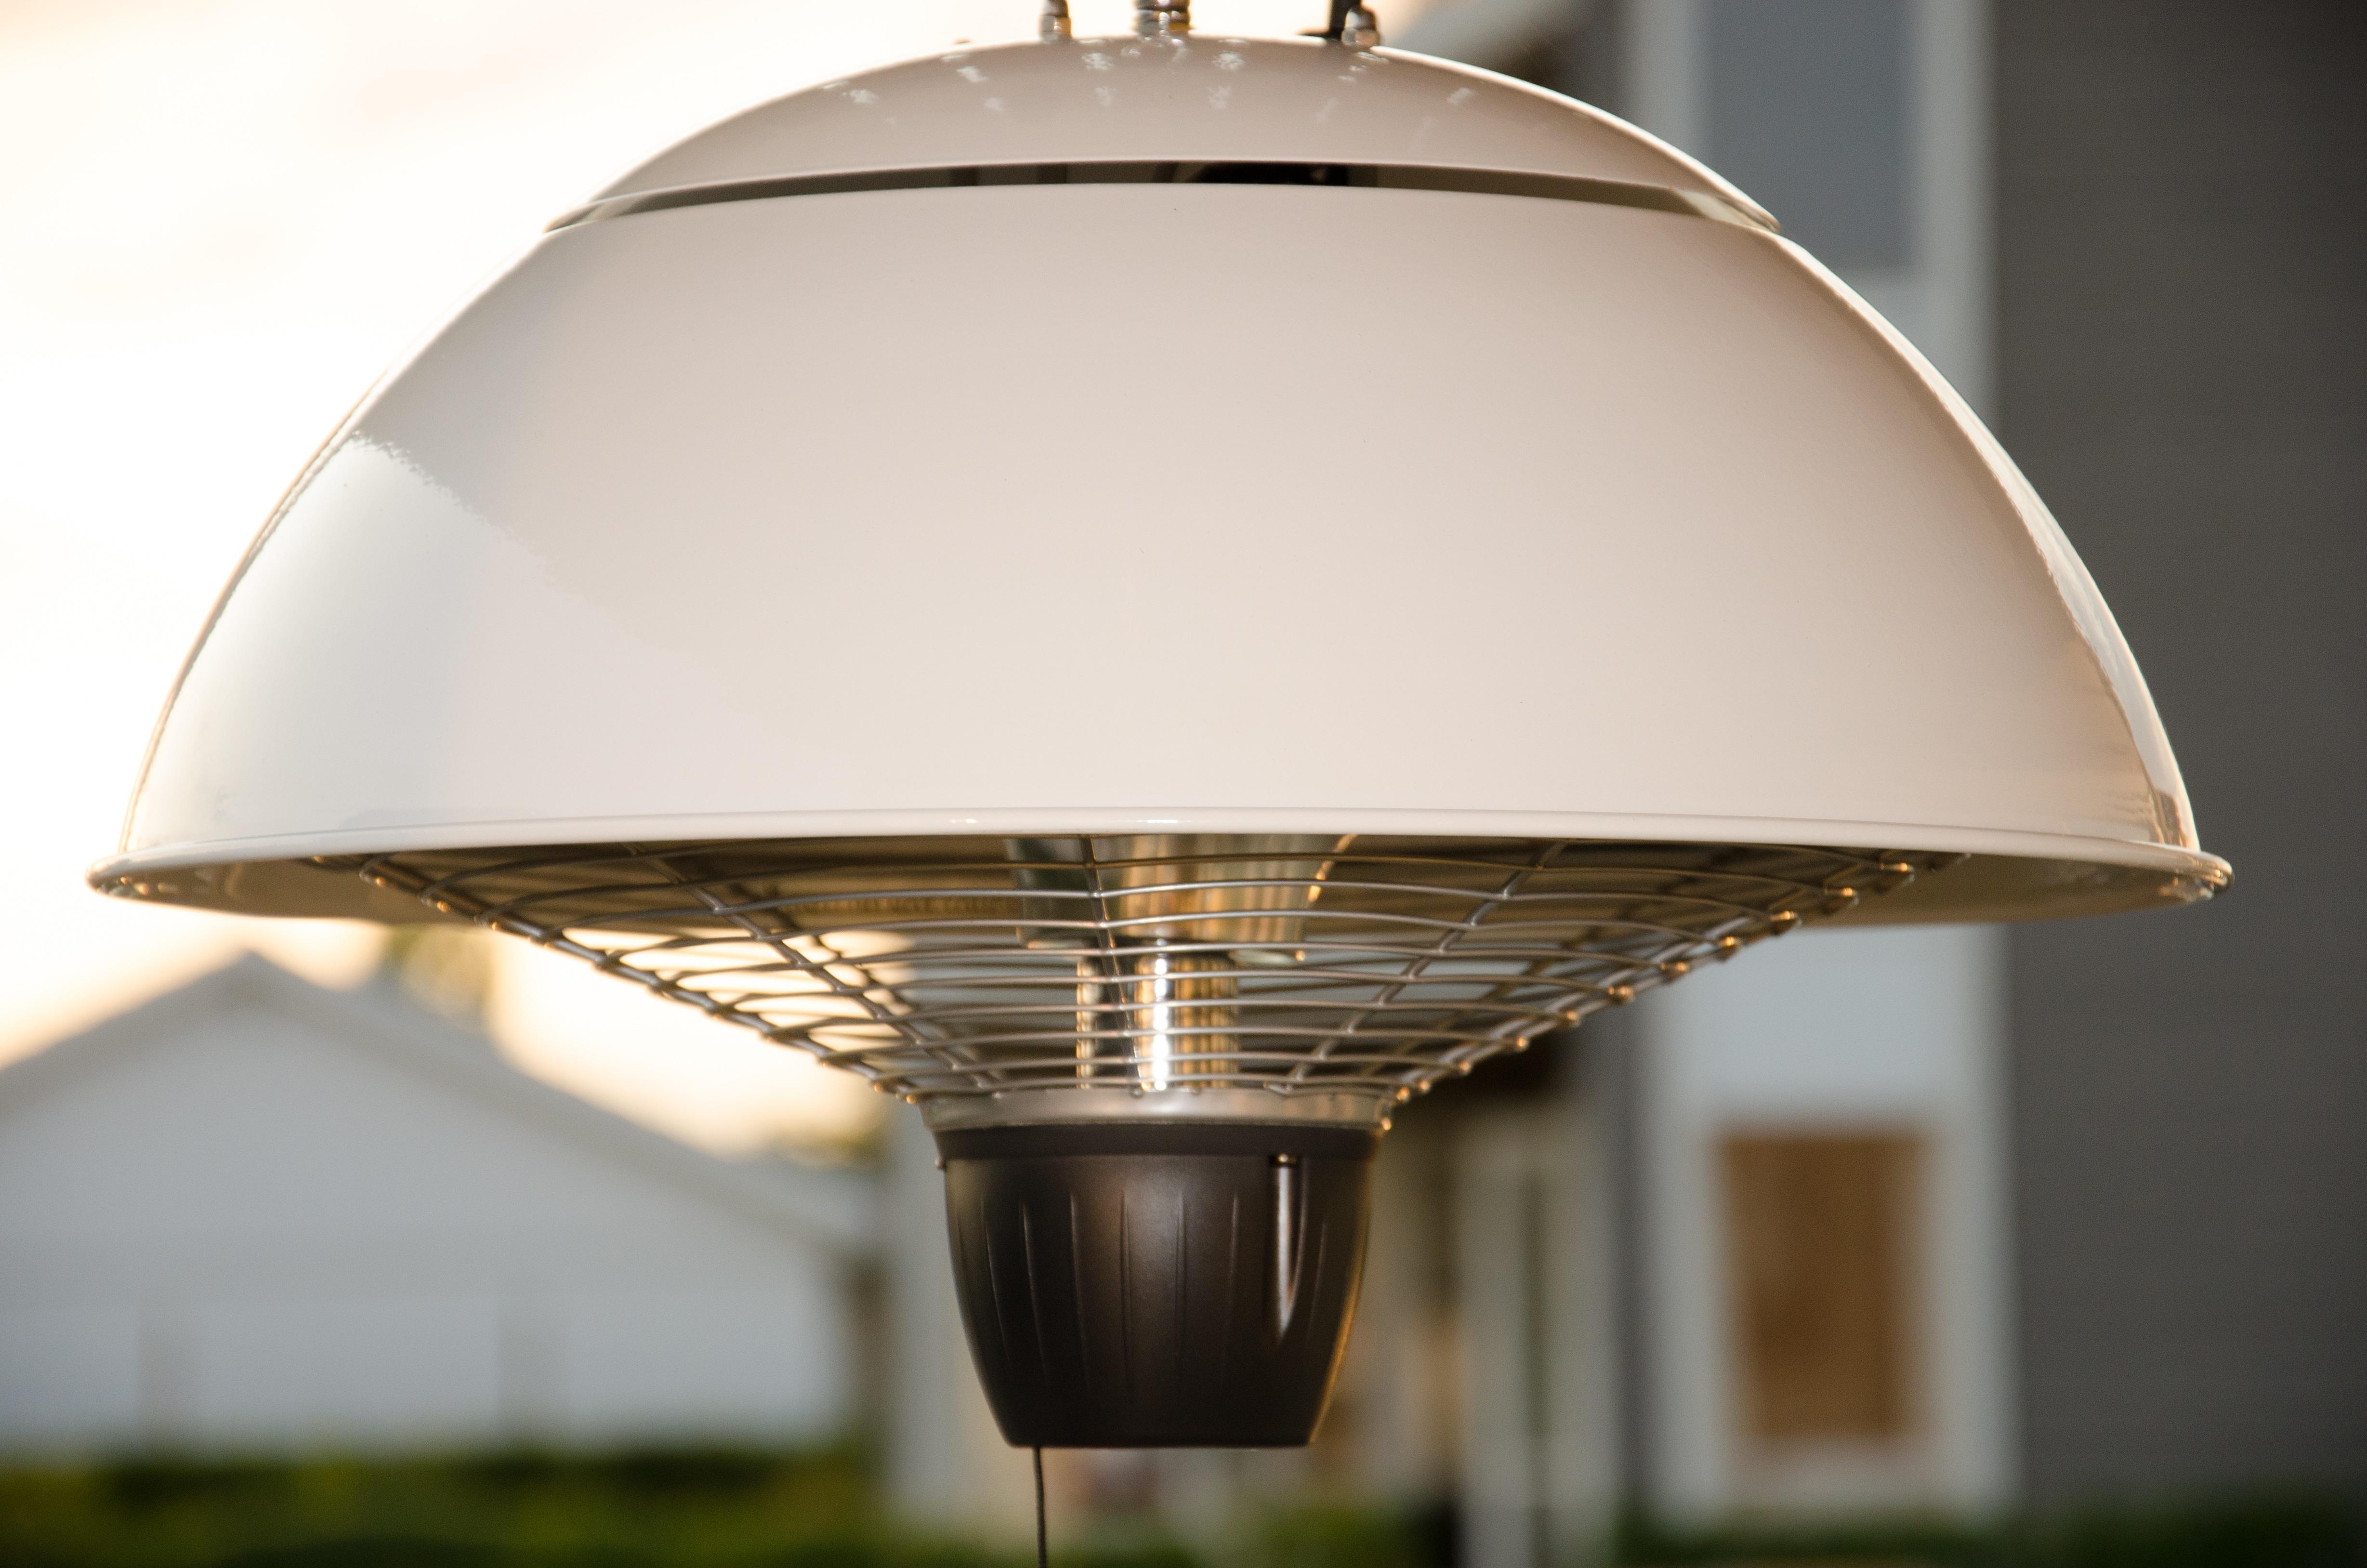 Kostenlose foto : draussen, Licht, die Architektur, Weiß, warm, Haus ...